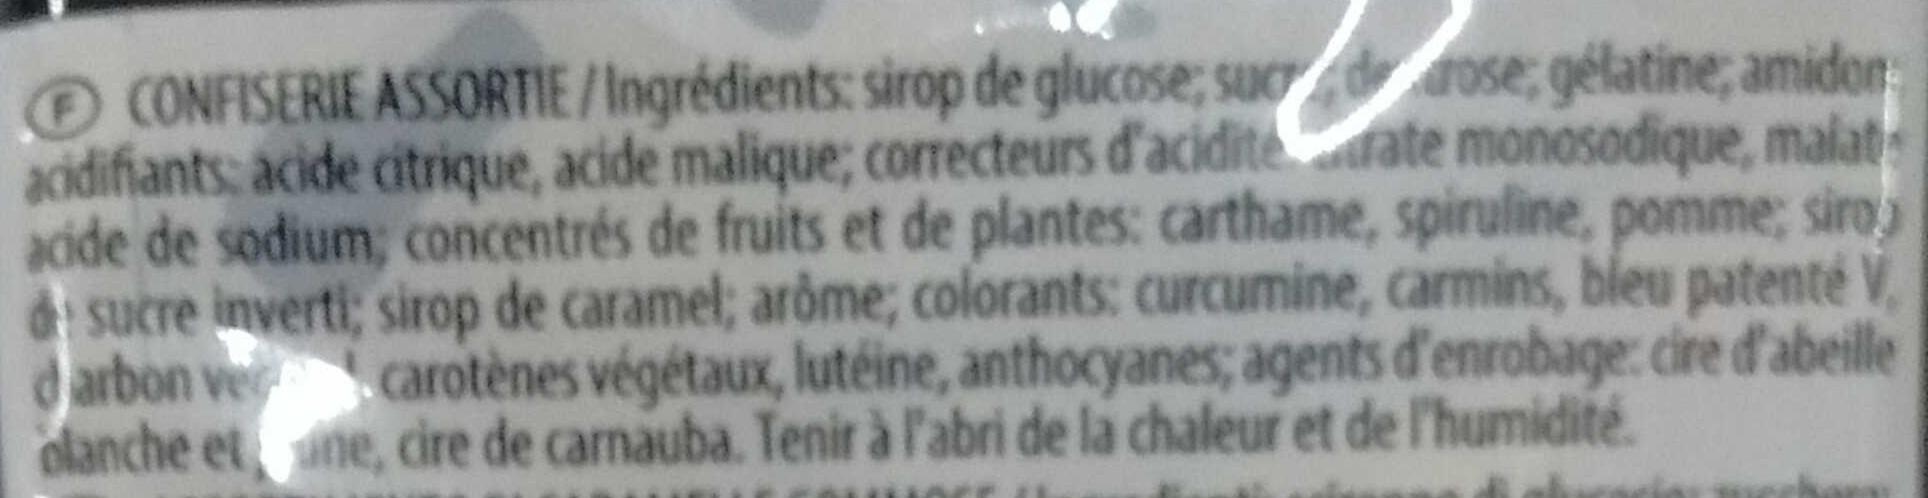 L'île au Trésor - Confiserie assortie - Ingredients - fr